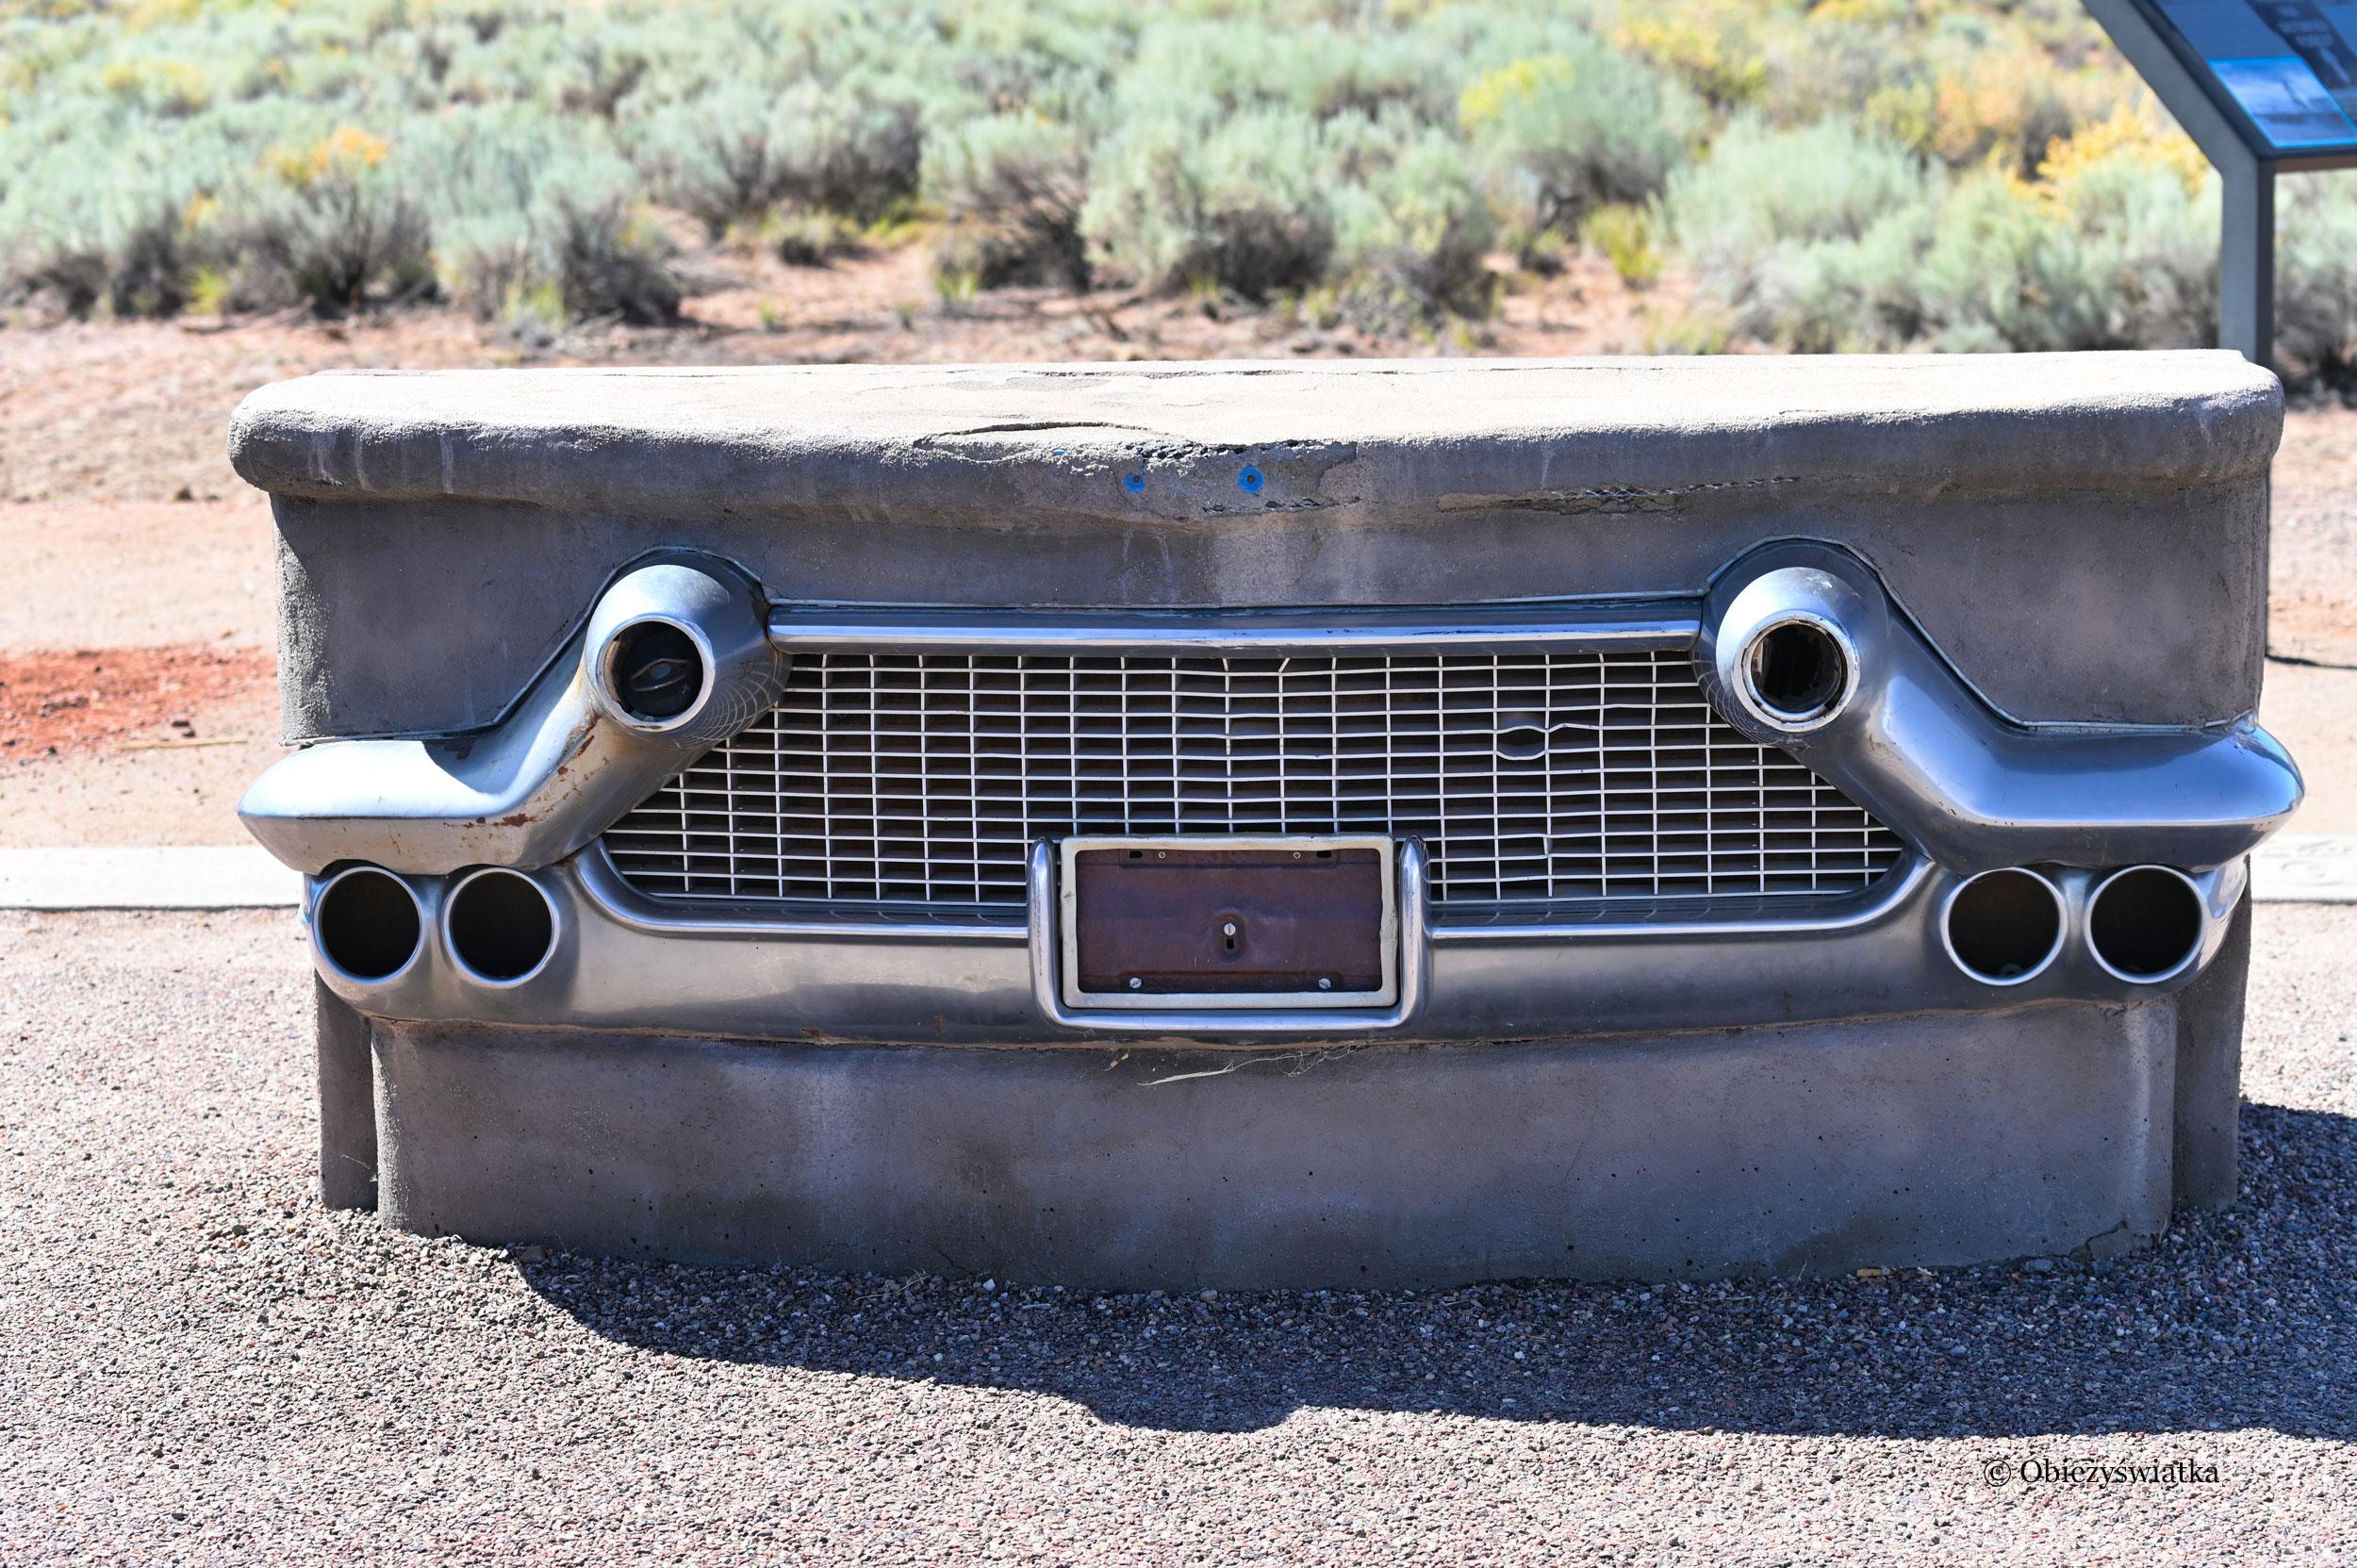 Route 66 w Parku Narodowym Skamieniałego Lasu - Petrified Forest National Park - ławka w kształcie maski samochodu